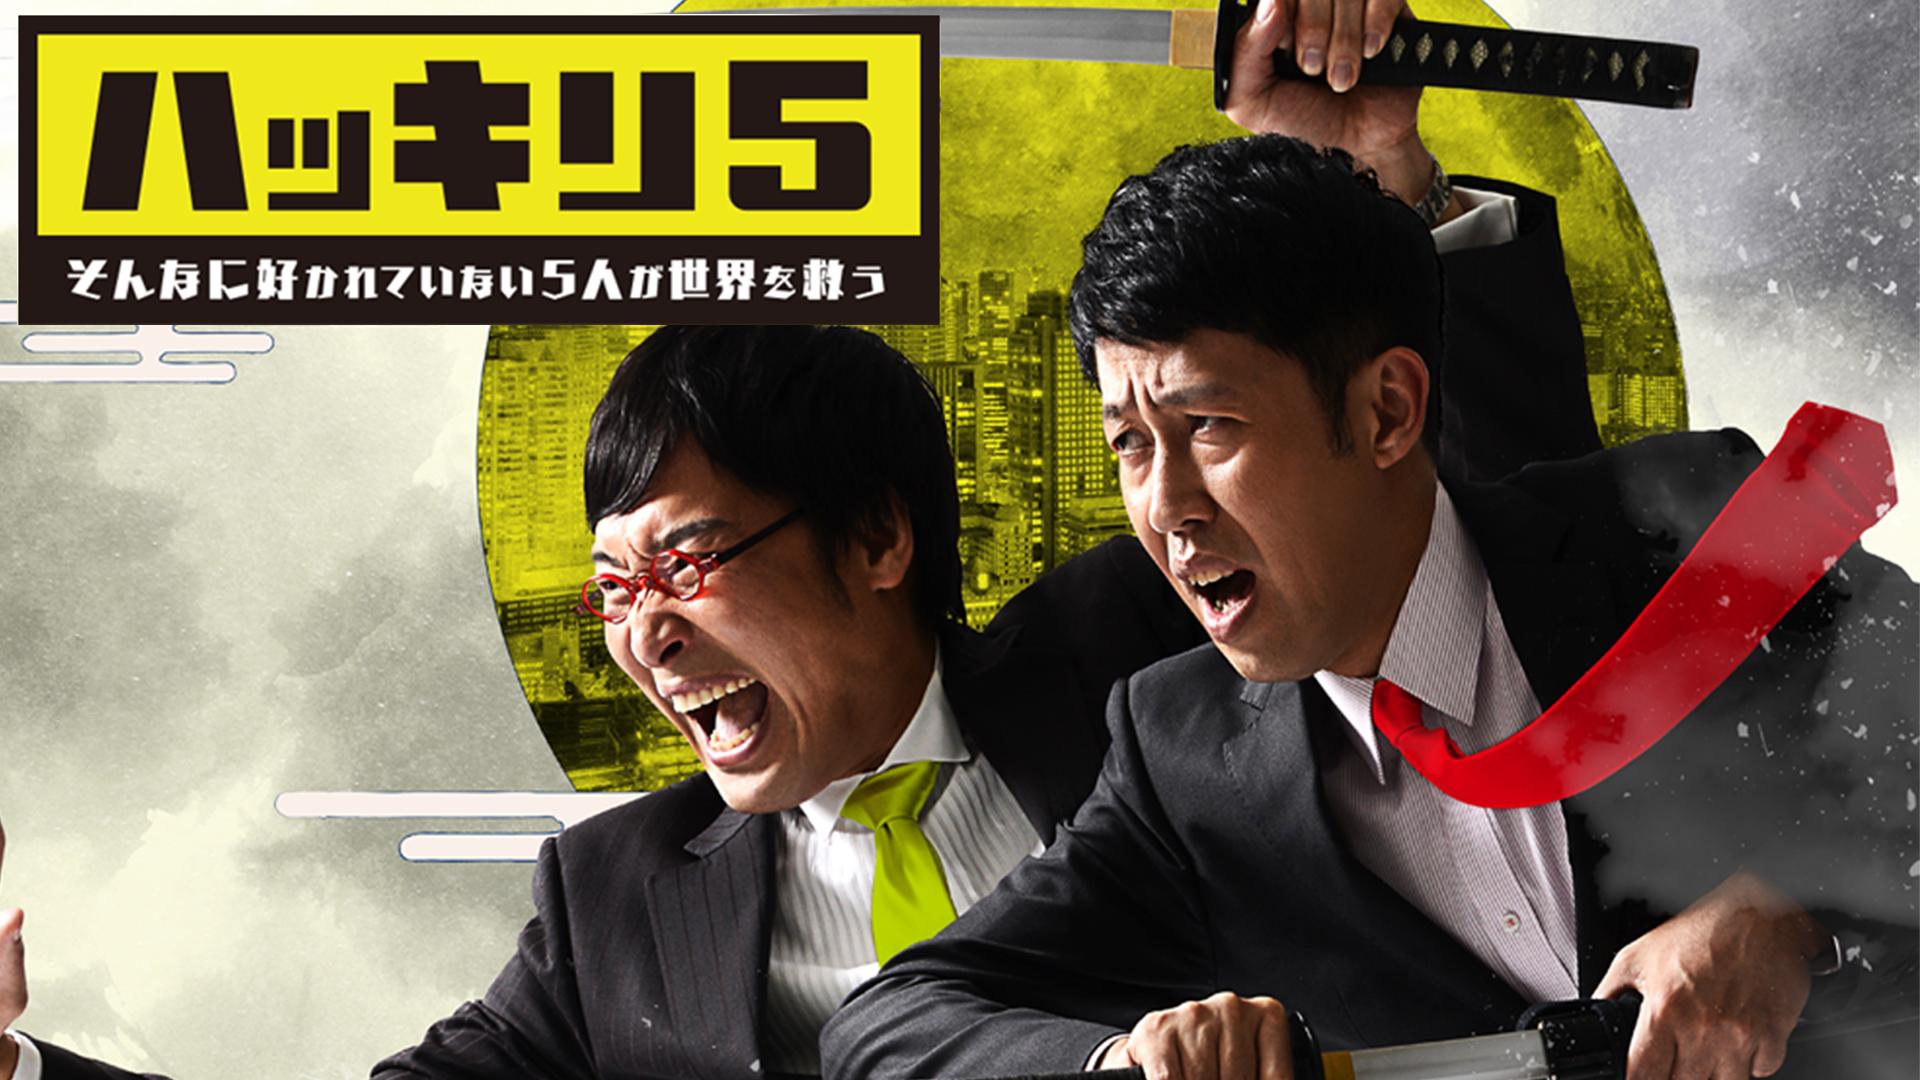 【見逃し無料動画】ハッキリ5を視聴する方法!